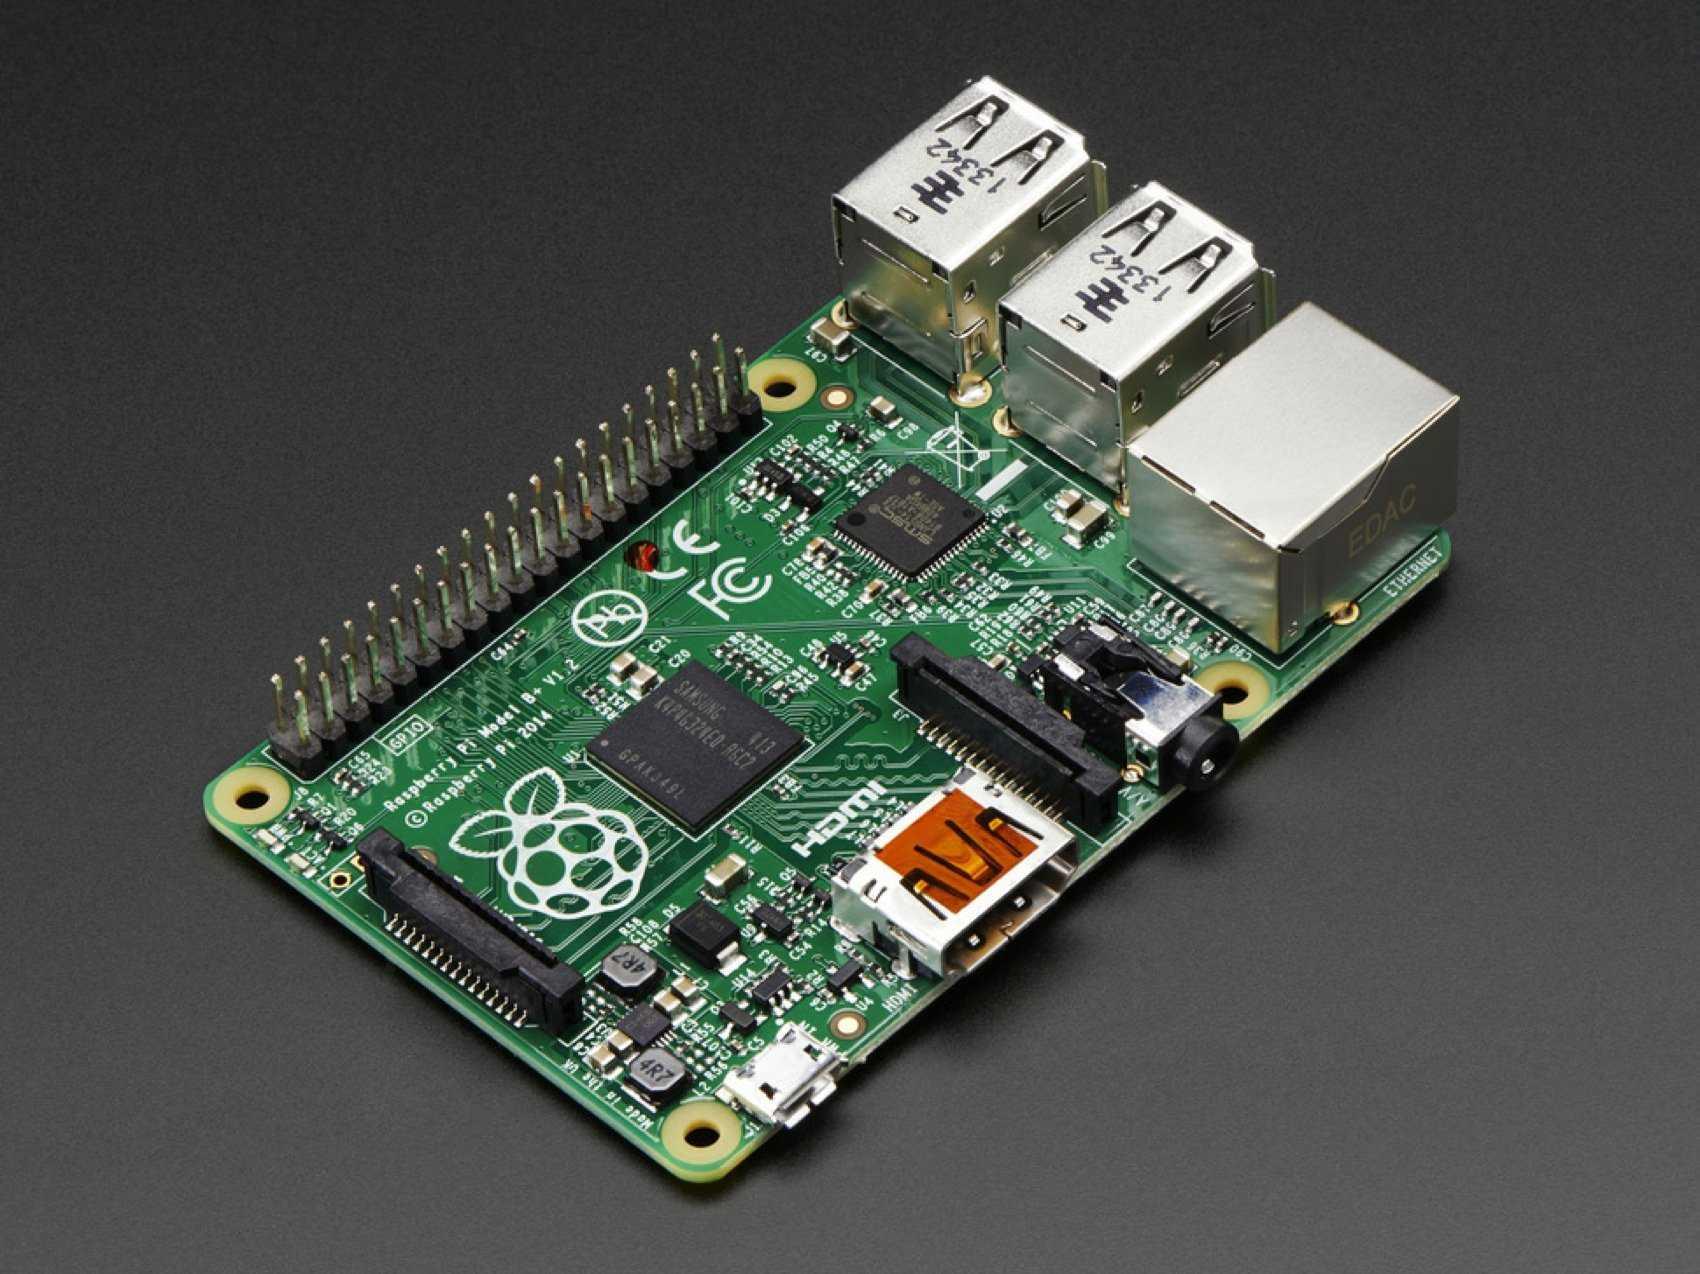 Как превратить raspberry pi в хаб для умного дома. инструкция для чайников